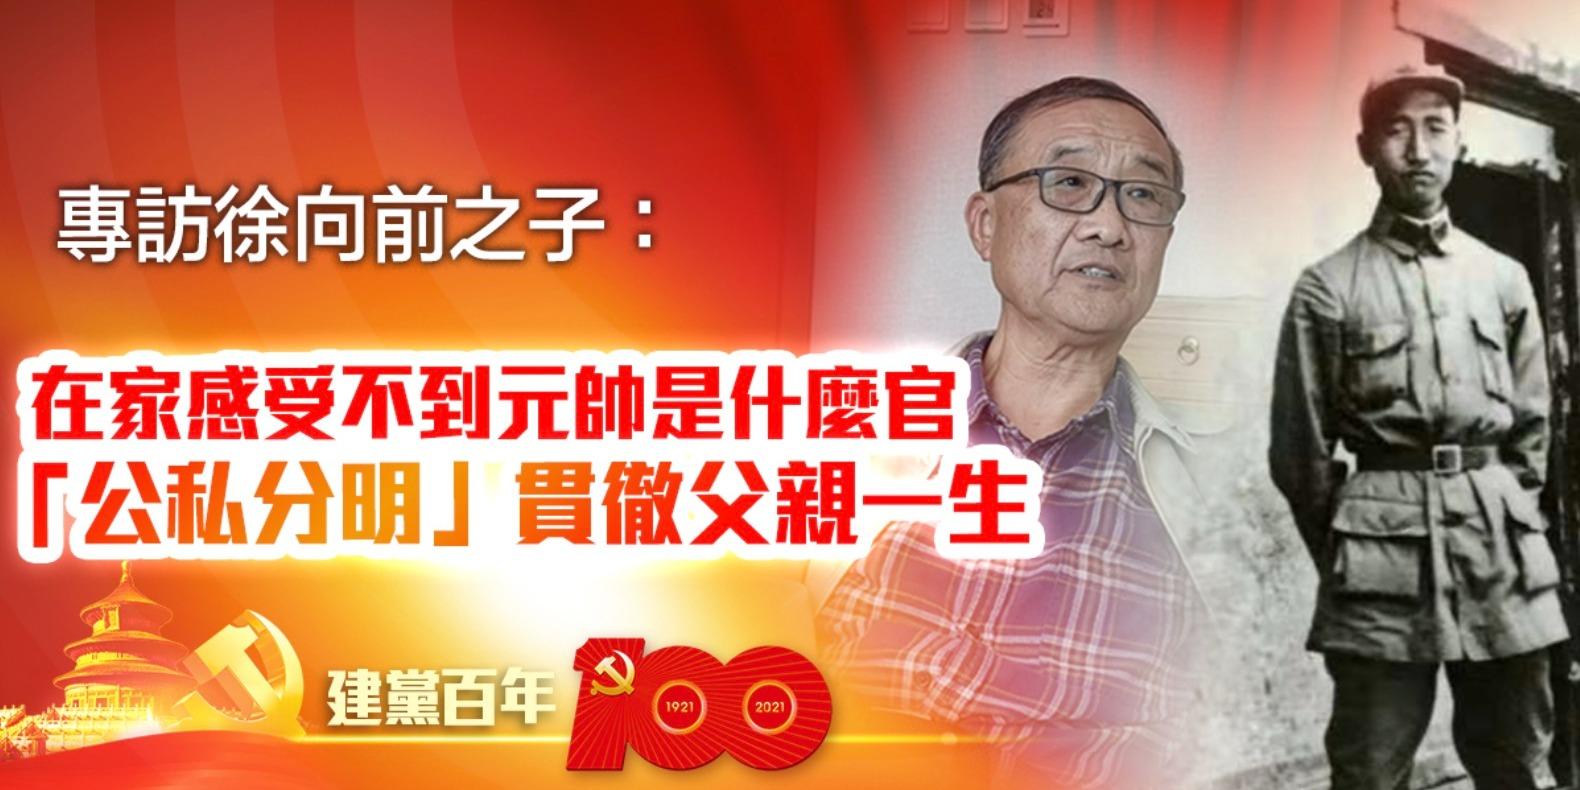 建黨百年|專訪徐向前之子:在家感受不到元帥是什麼官 「公私分明」貫徹父親一生